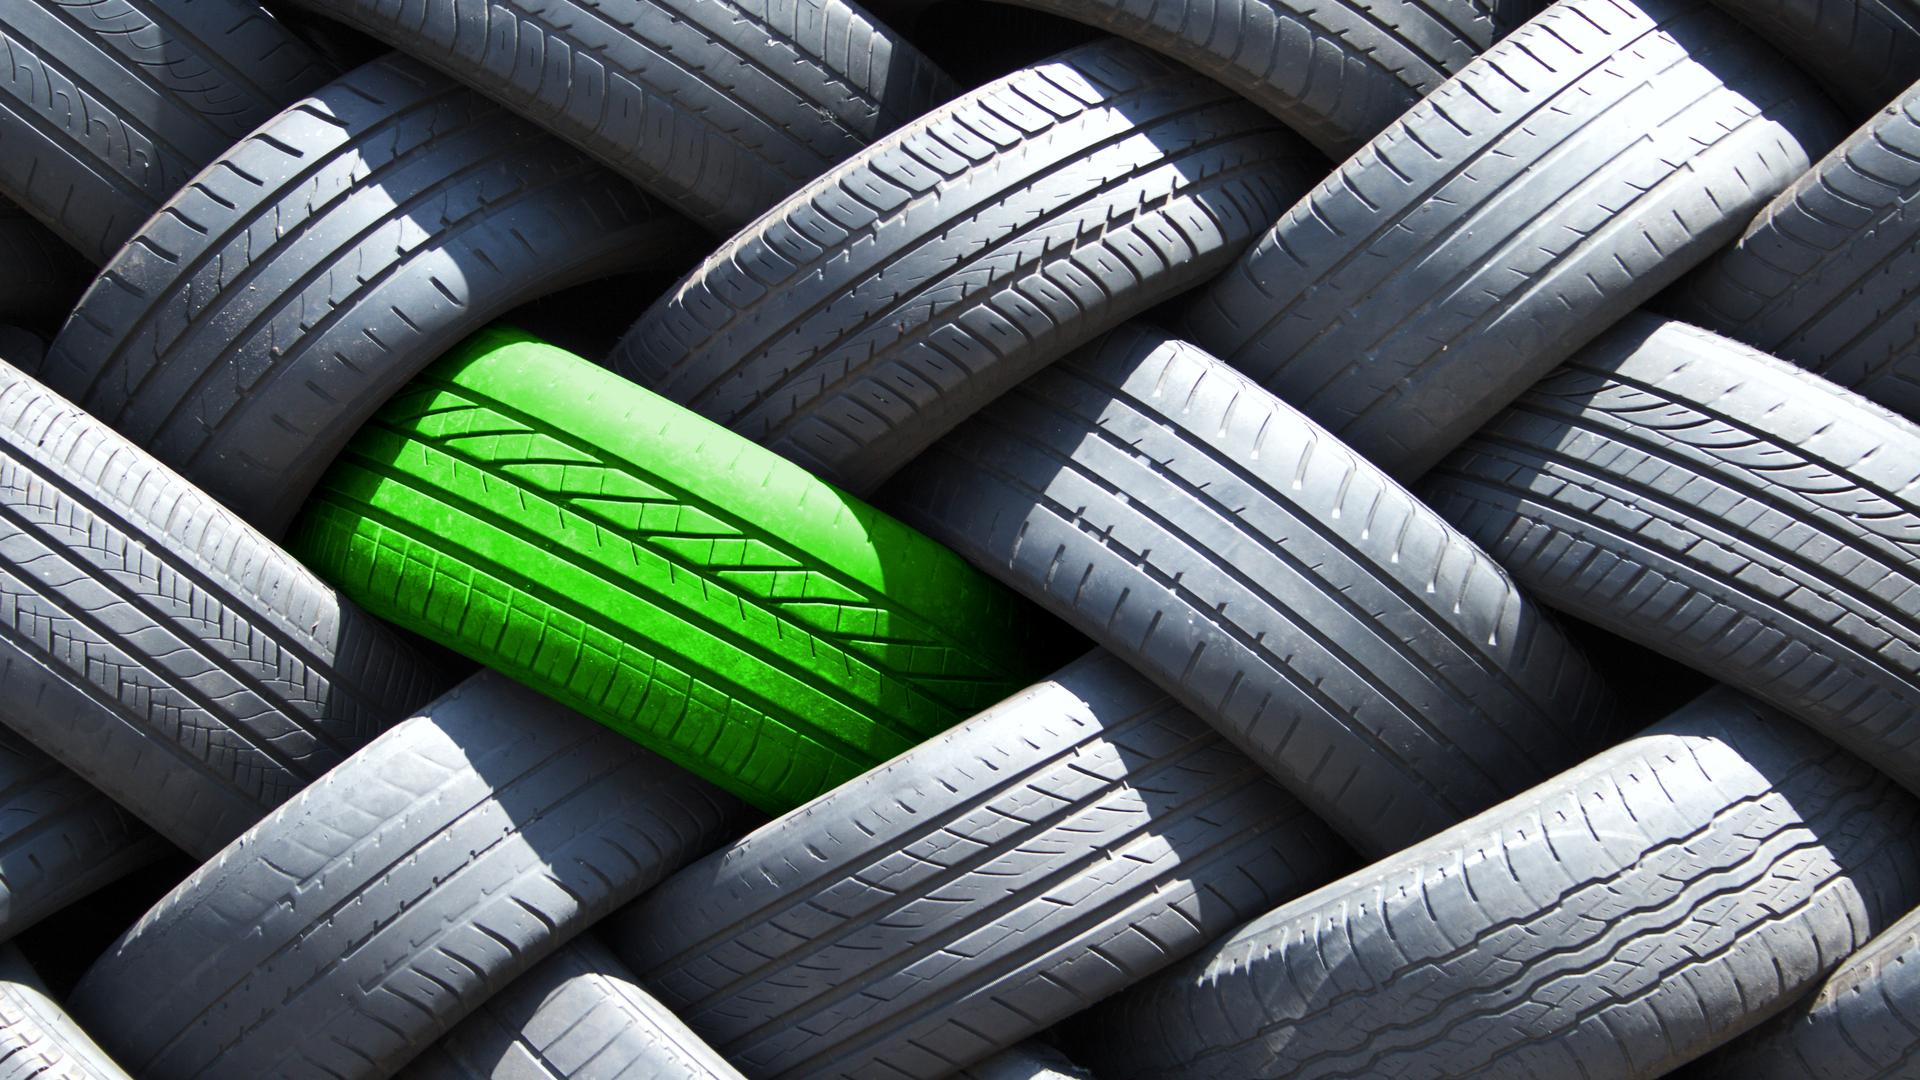 pneus pneu verde ecologico